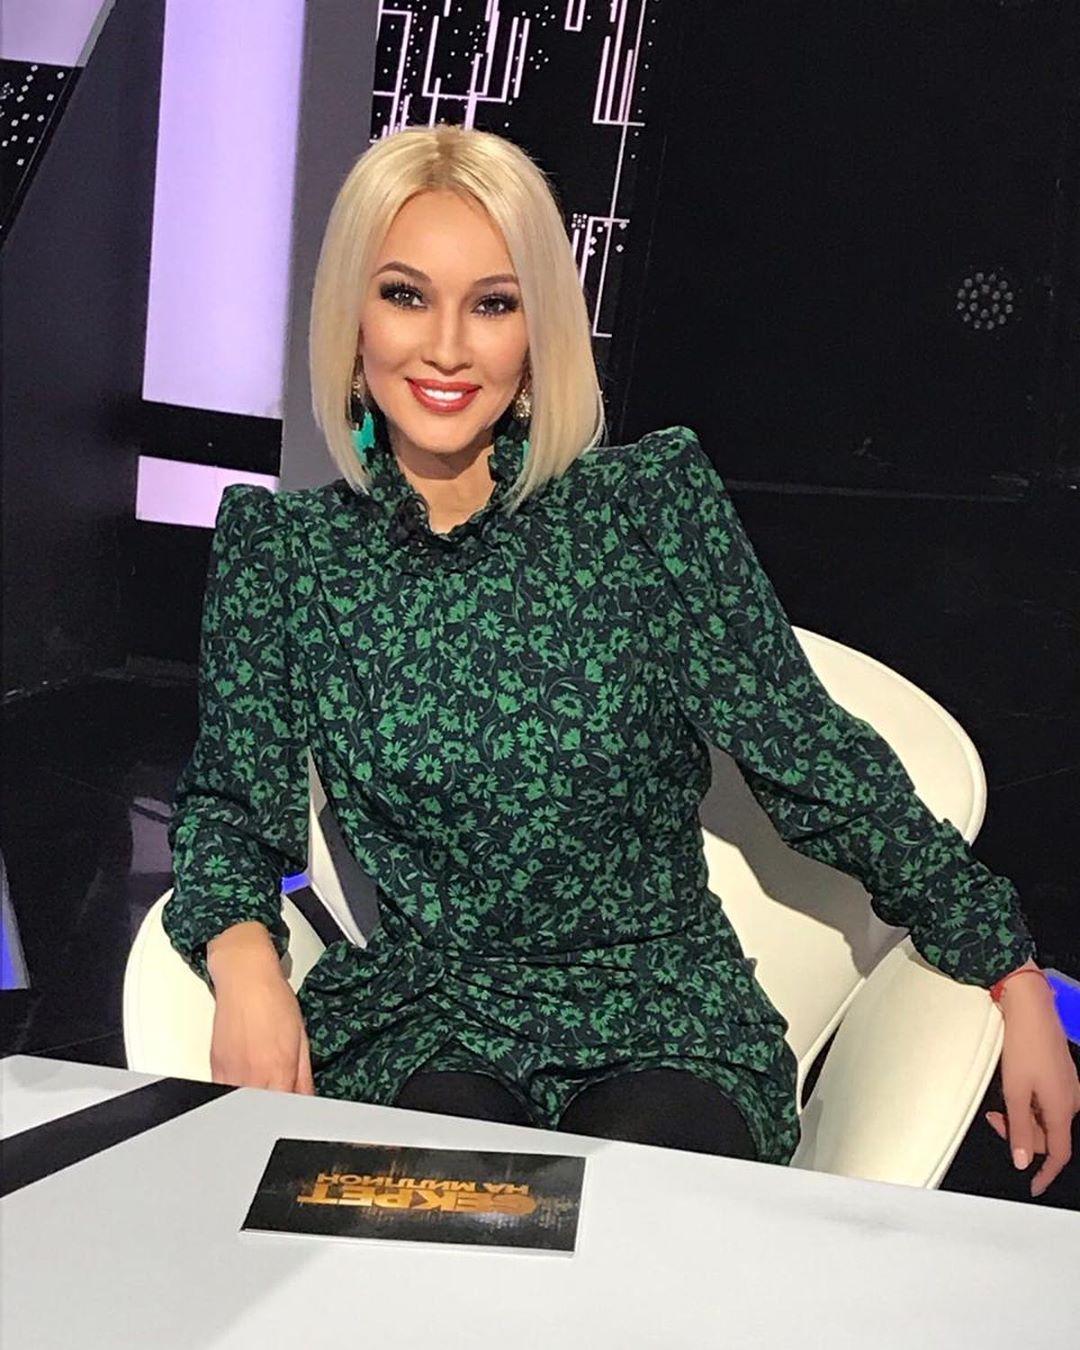 Лера Кудрявцева извинилась перед Любовью Успенской за эфир с участием ее дочери